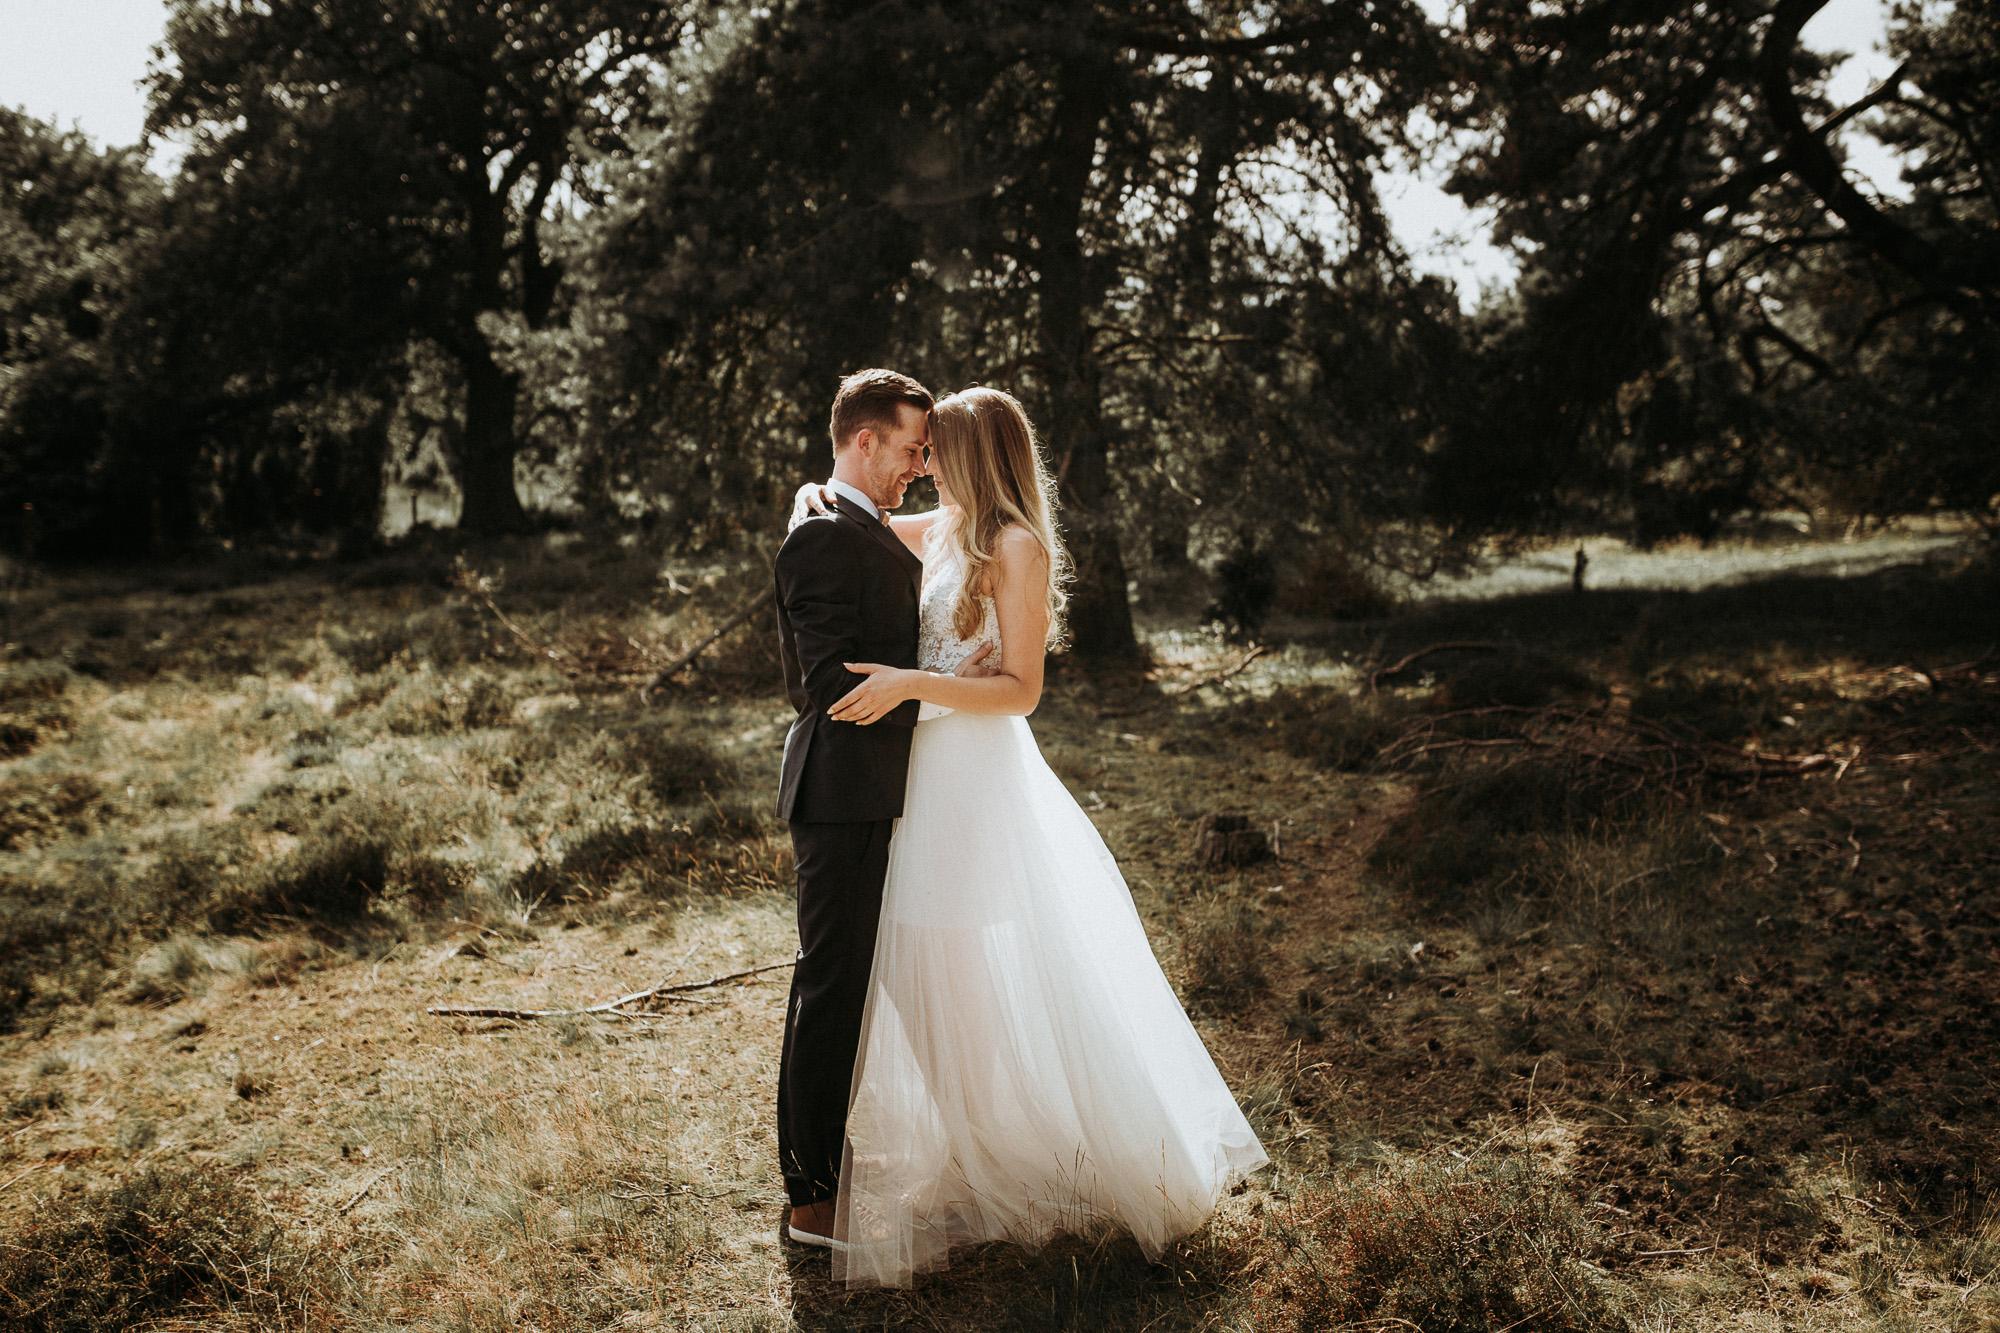 Hochzeitsfotograf_Dinslaken_Hanna_Marc62